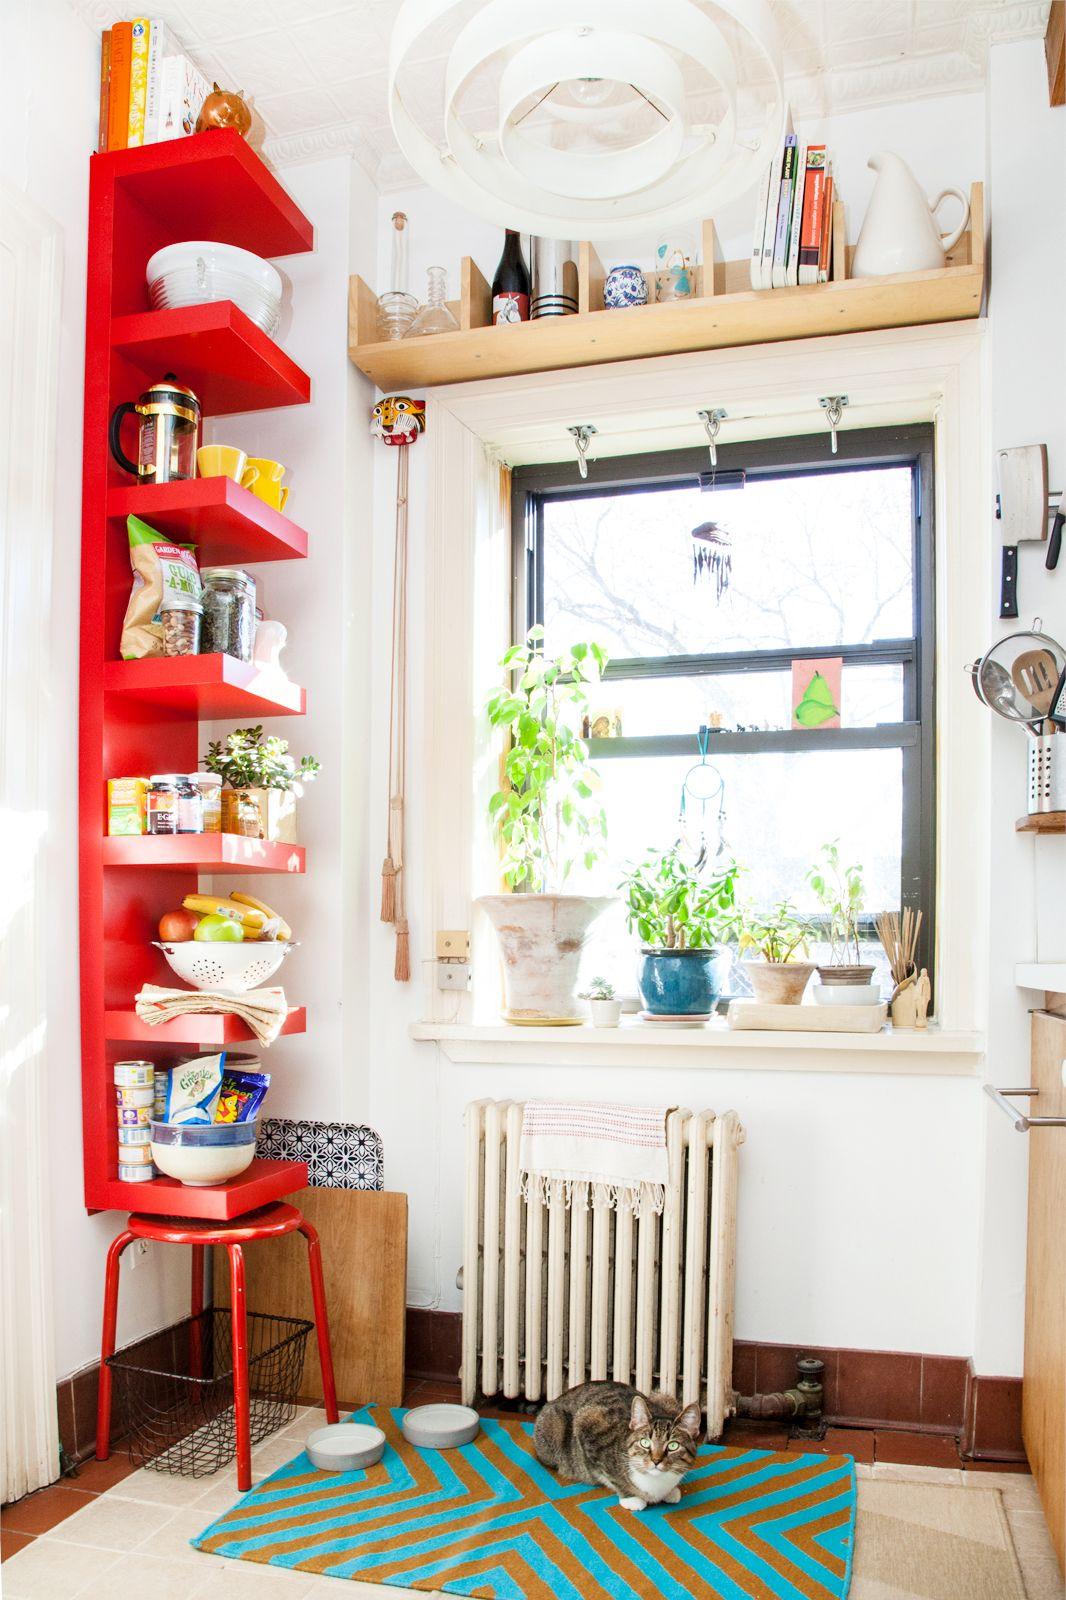 Baby Room Decor Tips For Small Spaces - NYC   Consejos de decoración ...